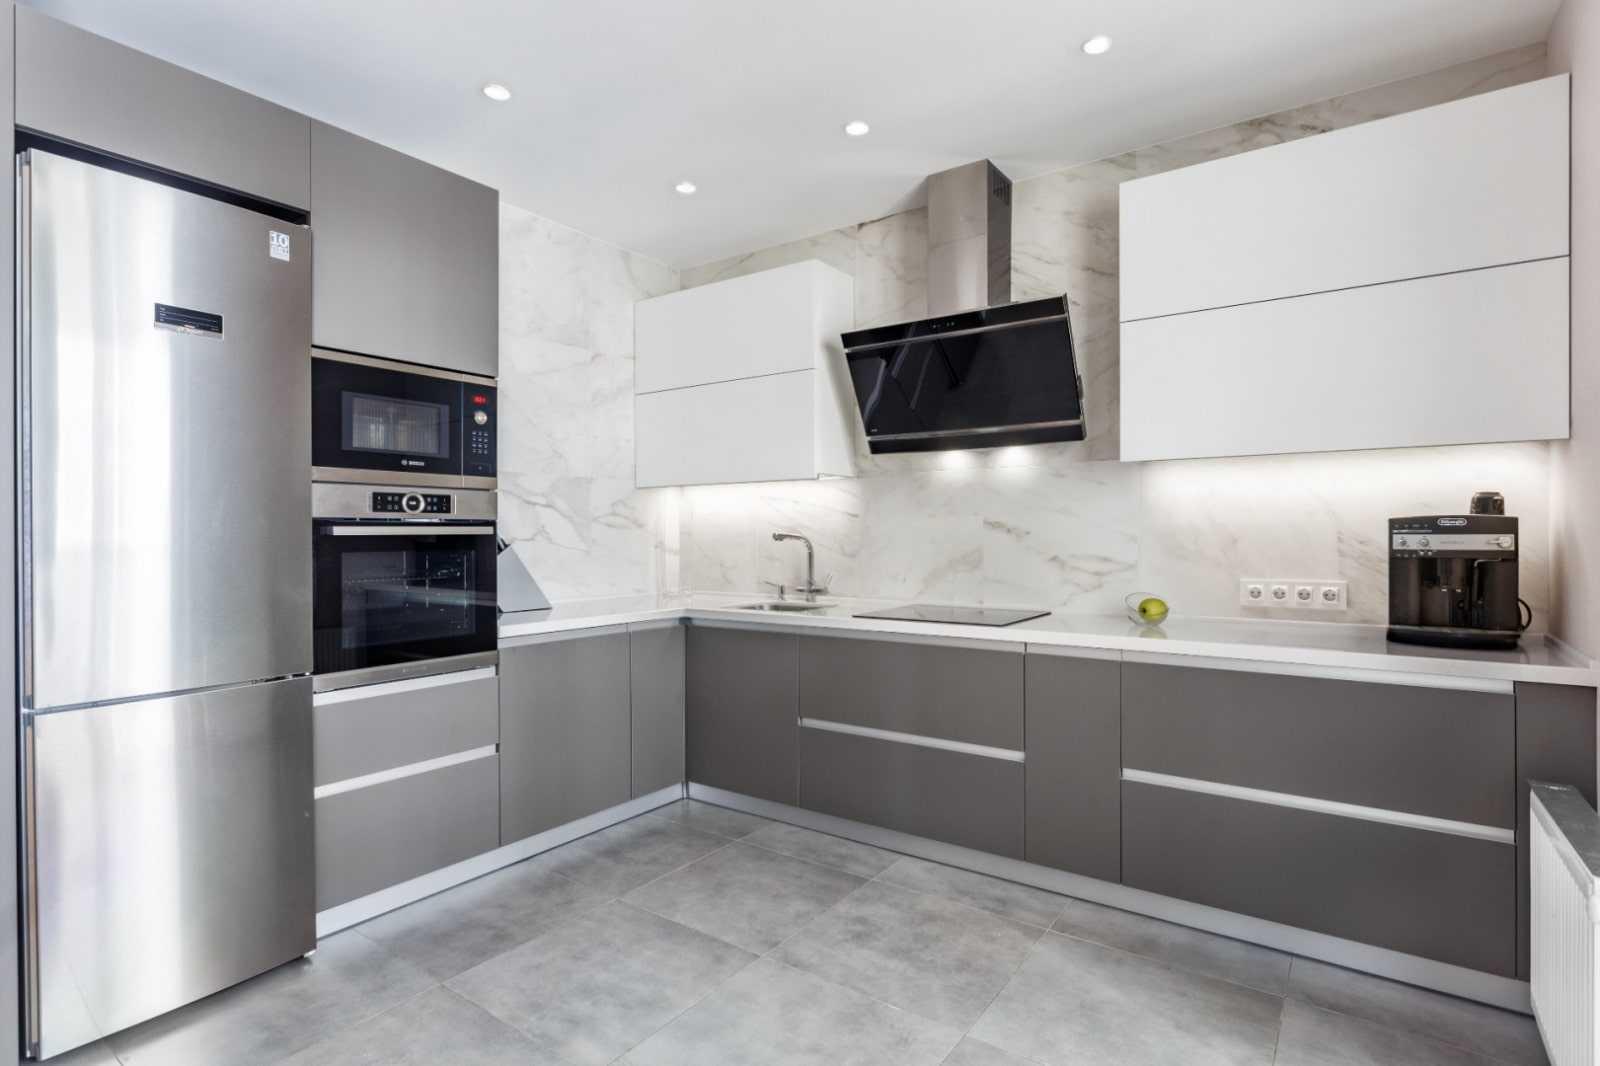 Серая кухня в интерьере: дизайн и цветовые сочетания (135 фото)